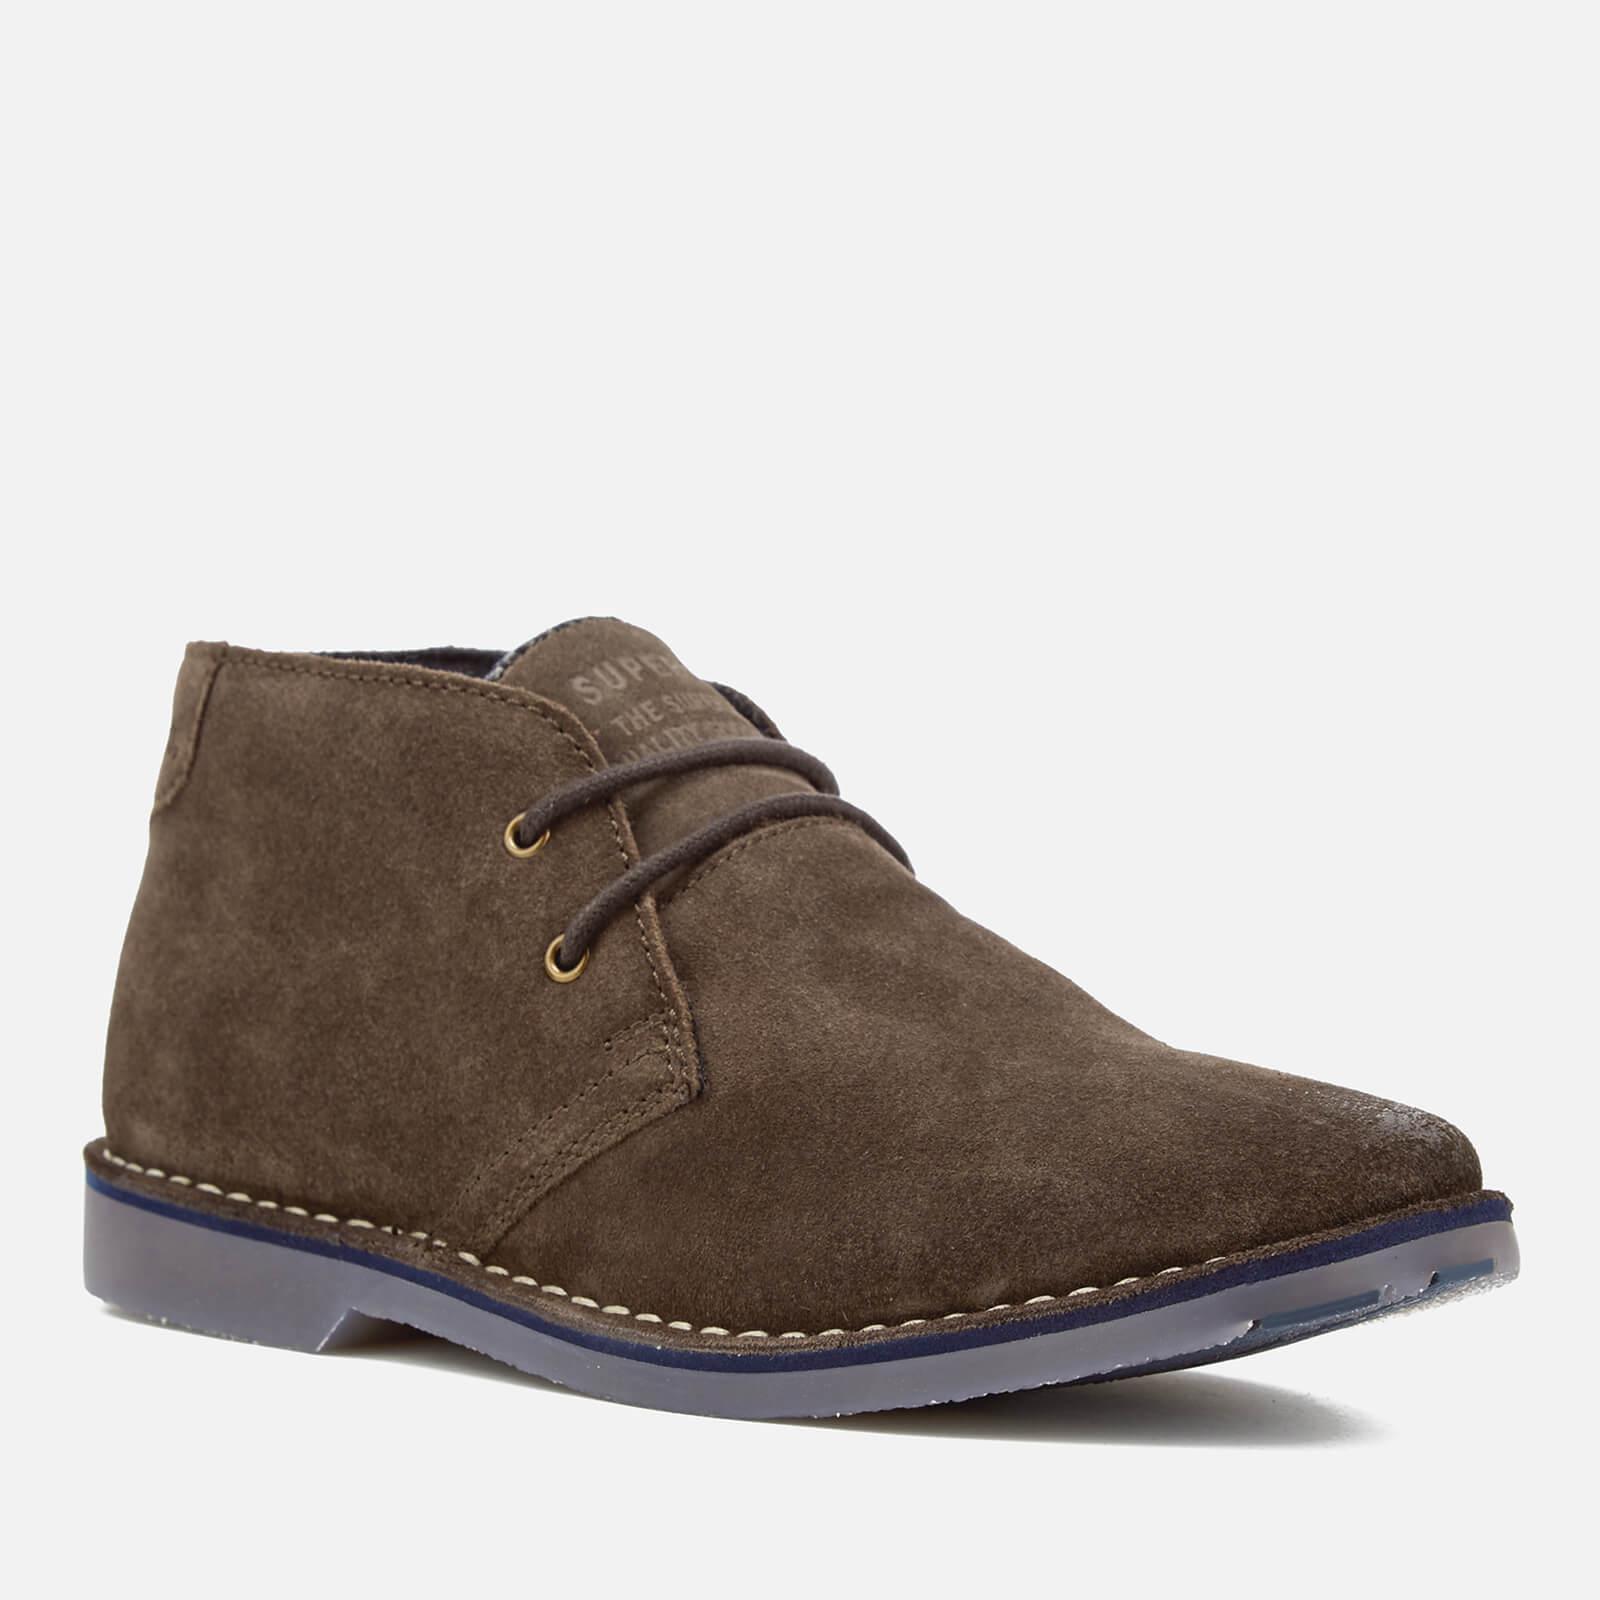 Superdry WINTER RALLIE - Chaussures à lacets marron clair 28hssiQH8L